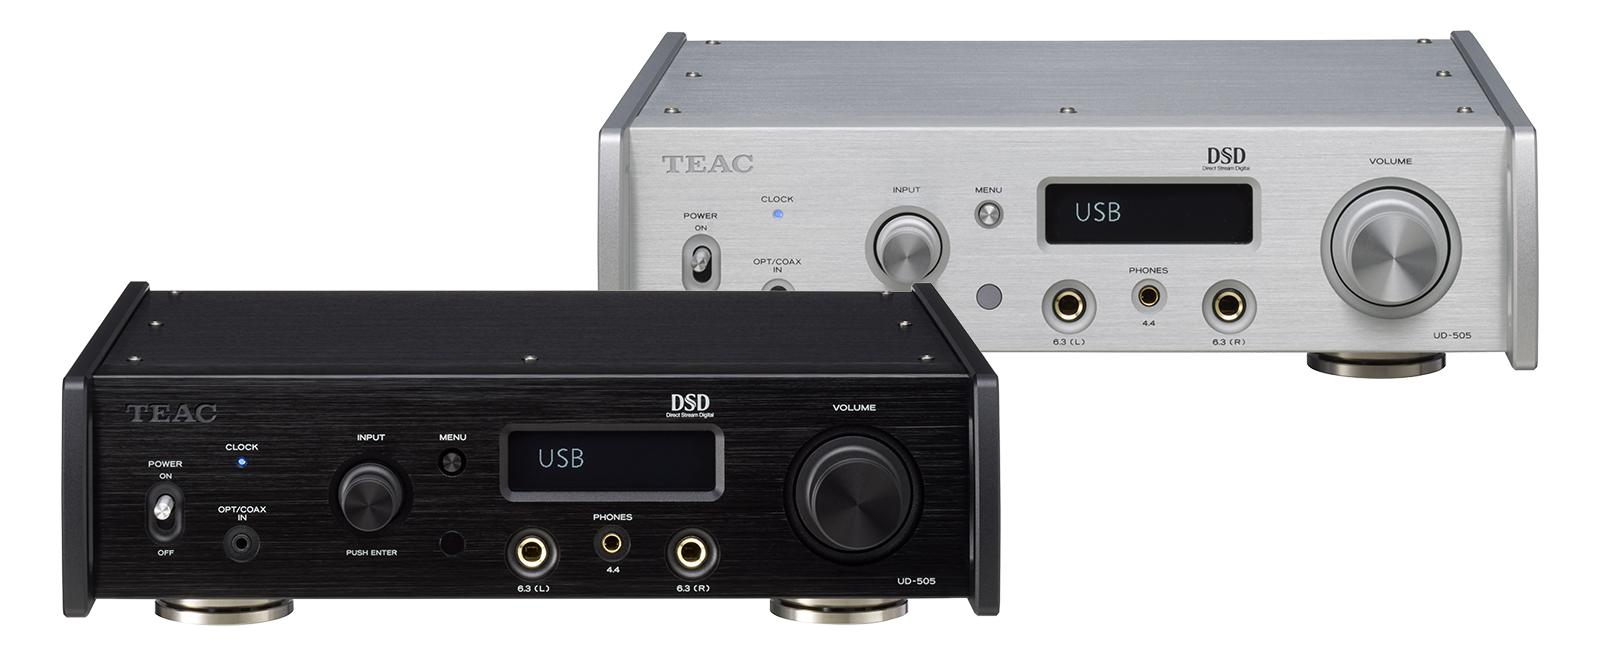 Új modellek a TEAC 500-as Reference készülékcsaládban